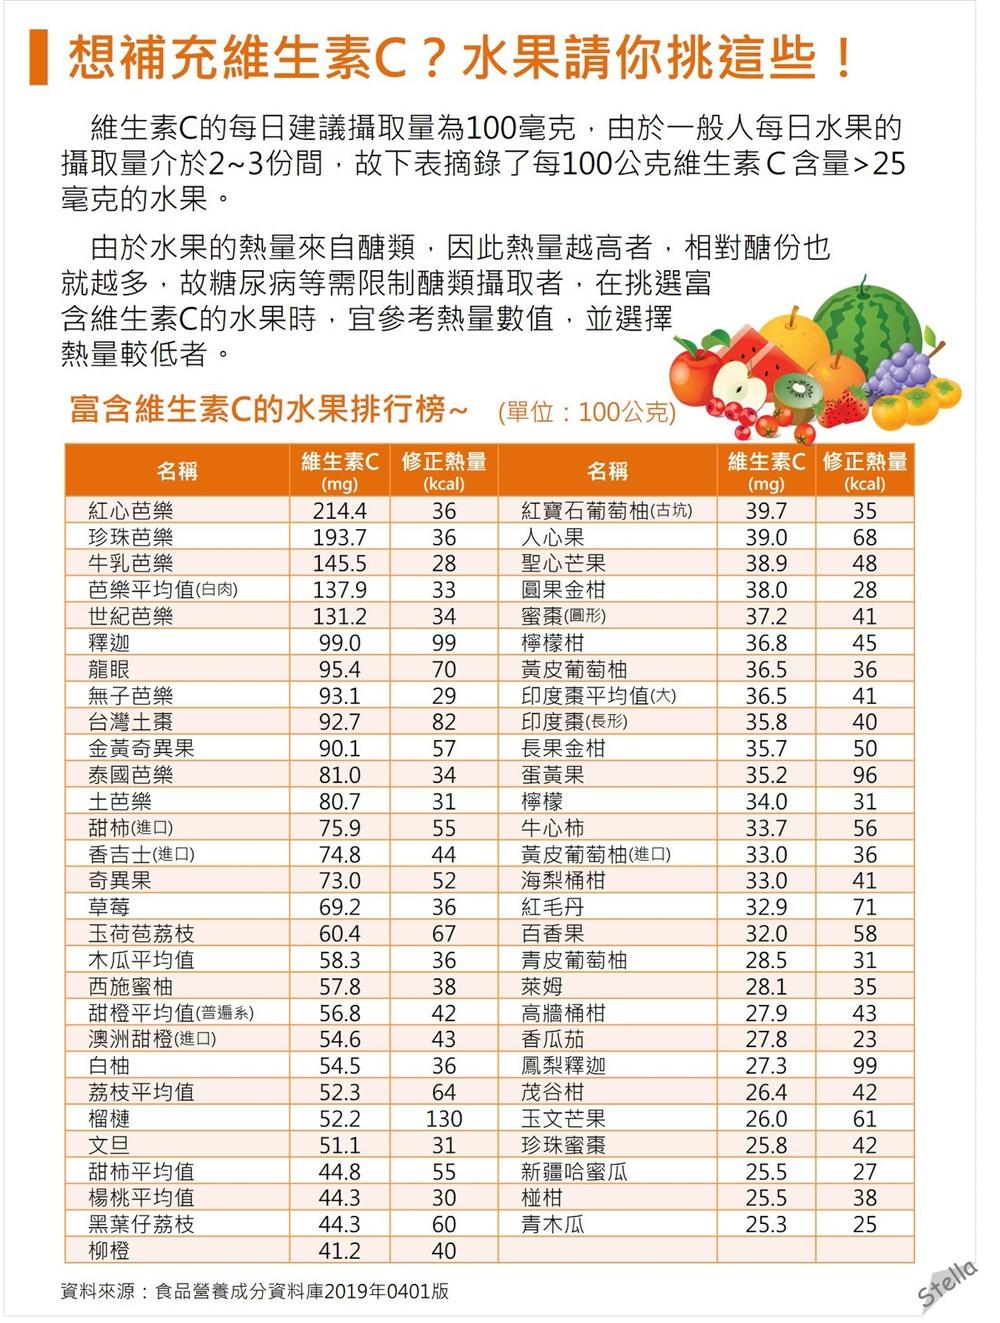 別再上當!吃水果補充維生素C首選這3種,前10名都不是檸檬柳橙!